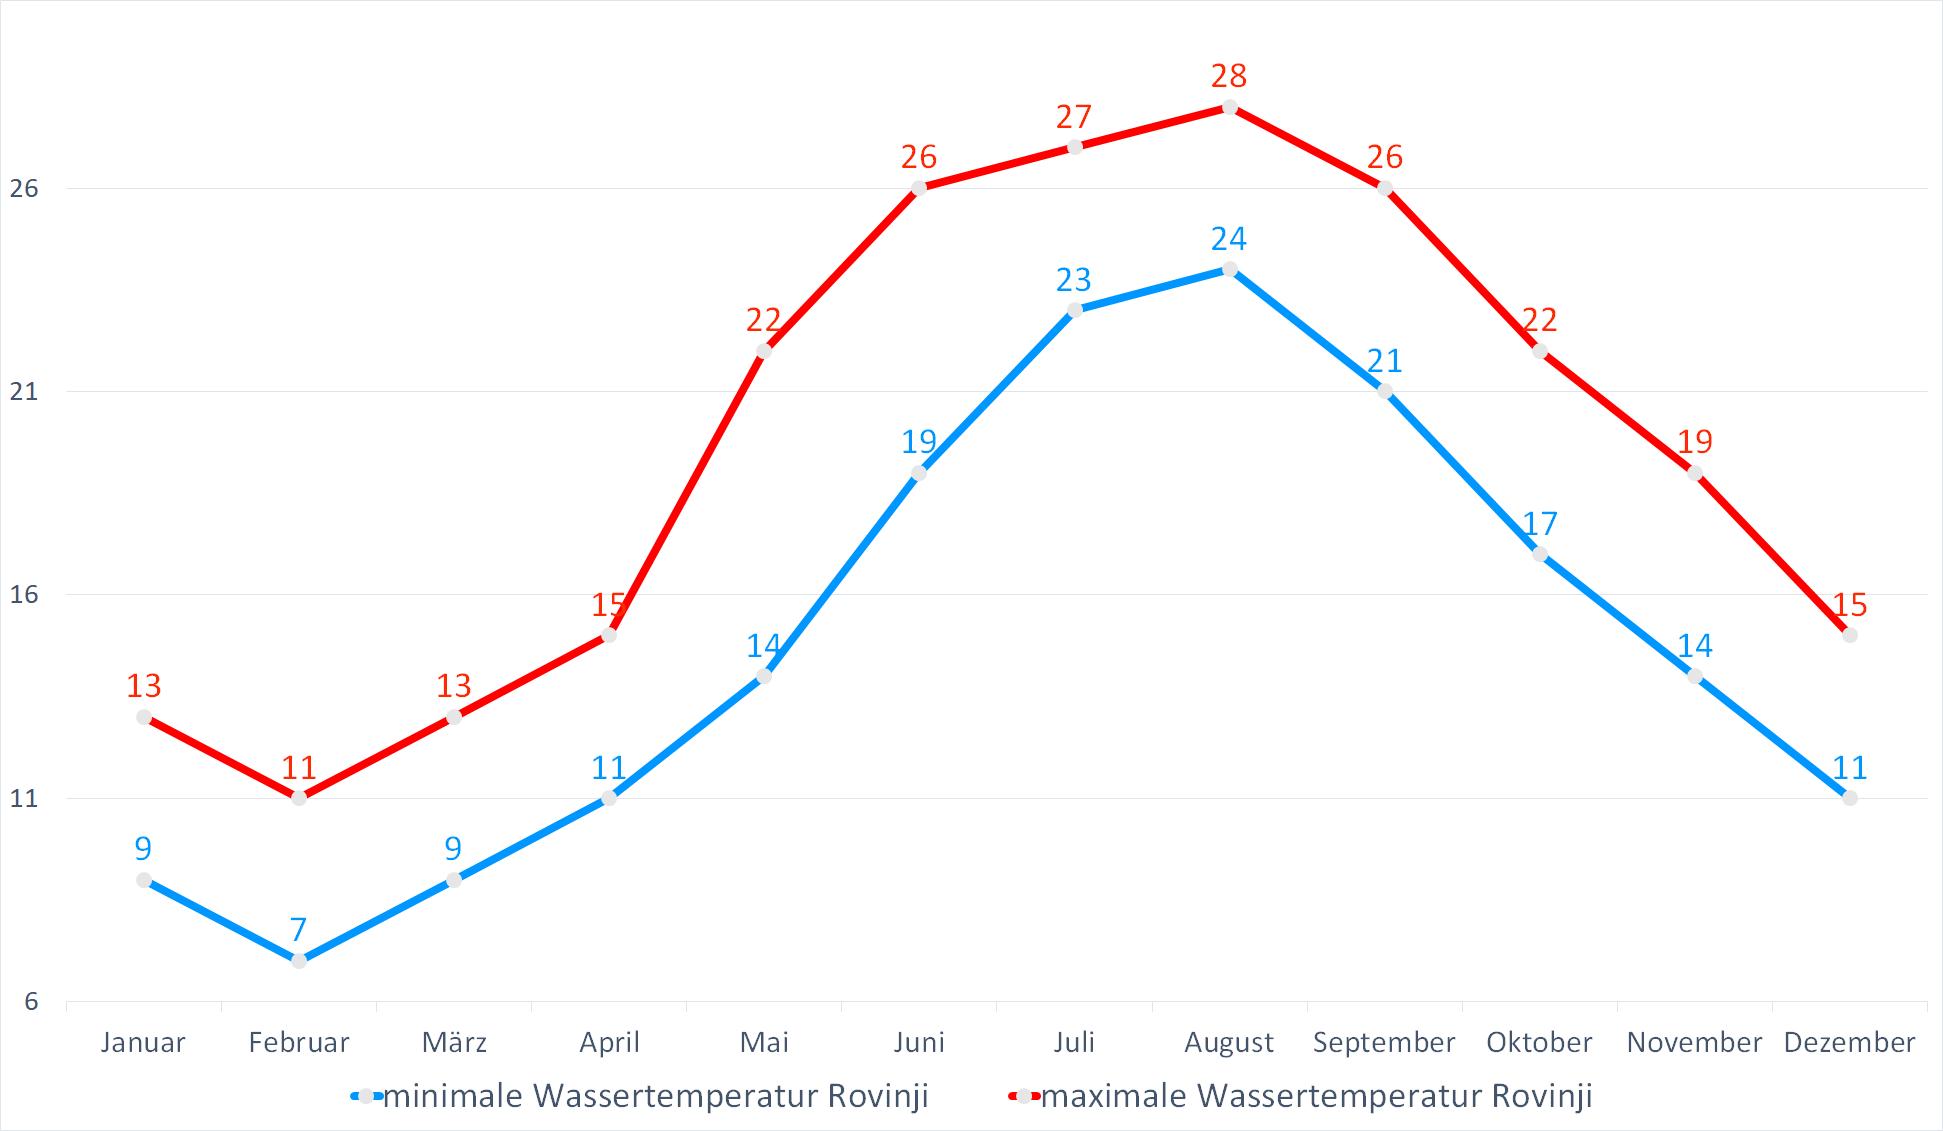 Minimale & Maximale Wassertemperaturen für Rovinj im Jahresverlauf